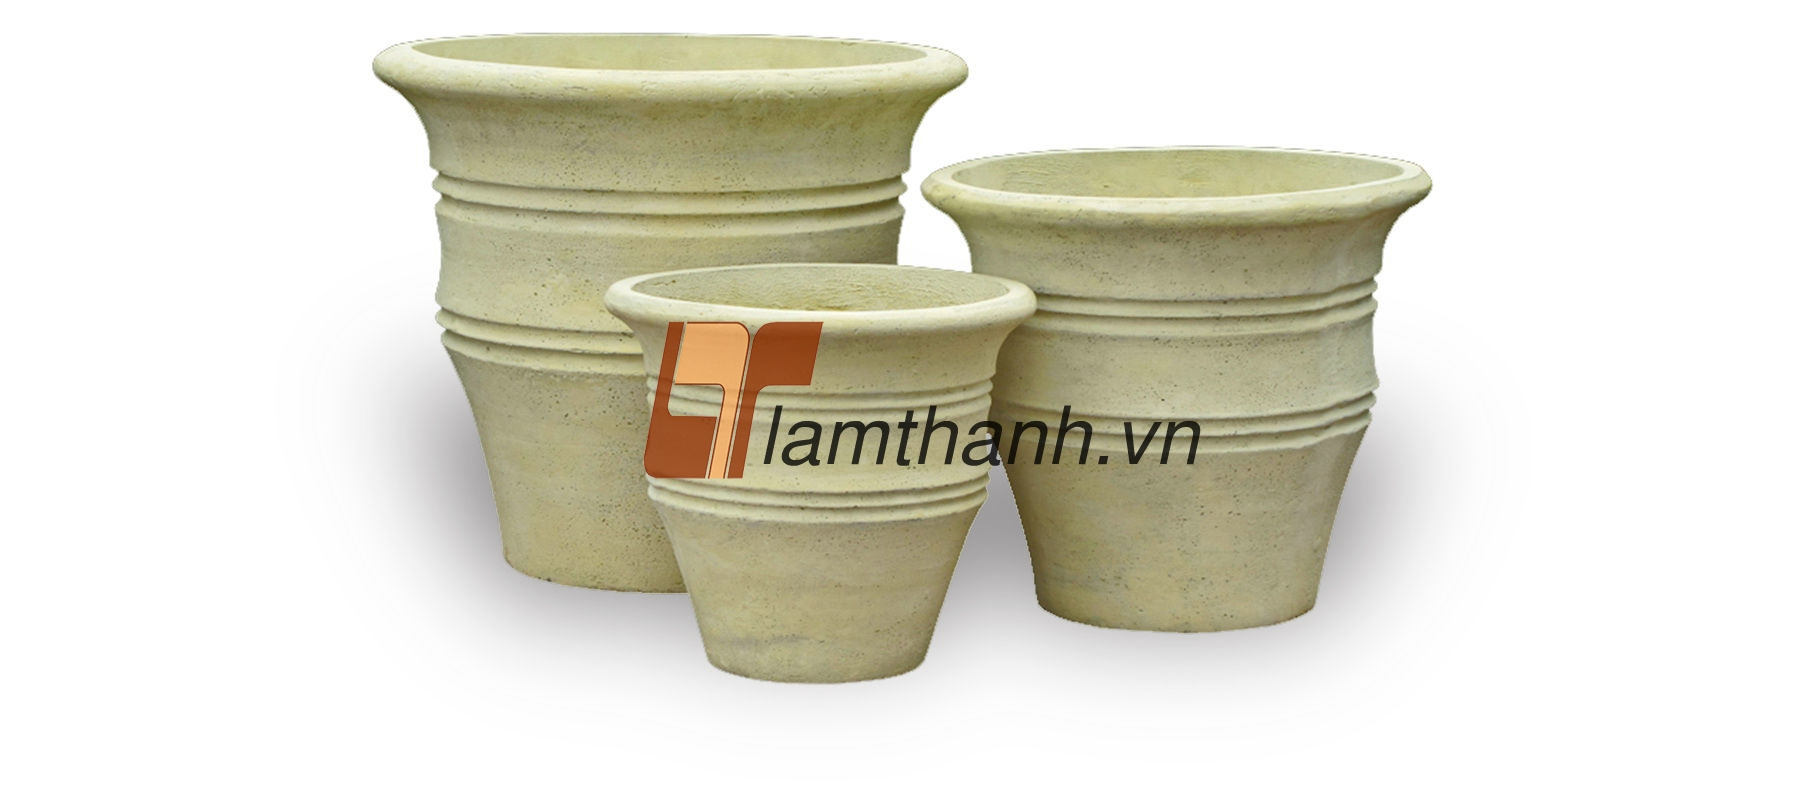 vietnam concrete, fibercement 06